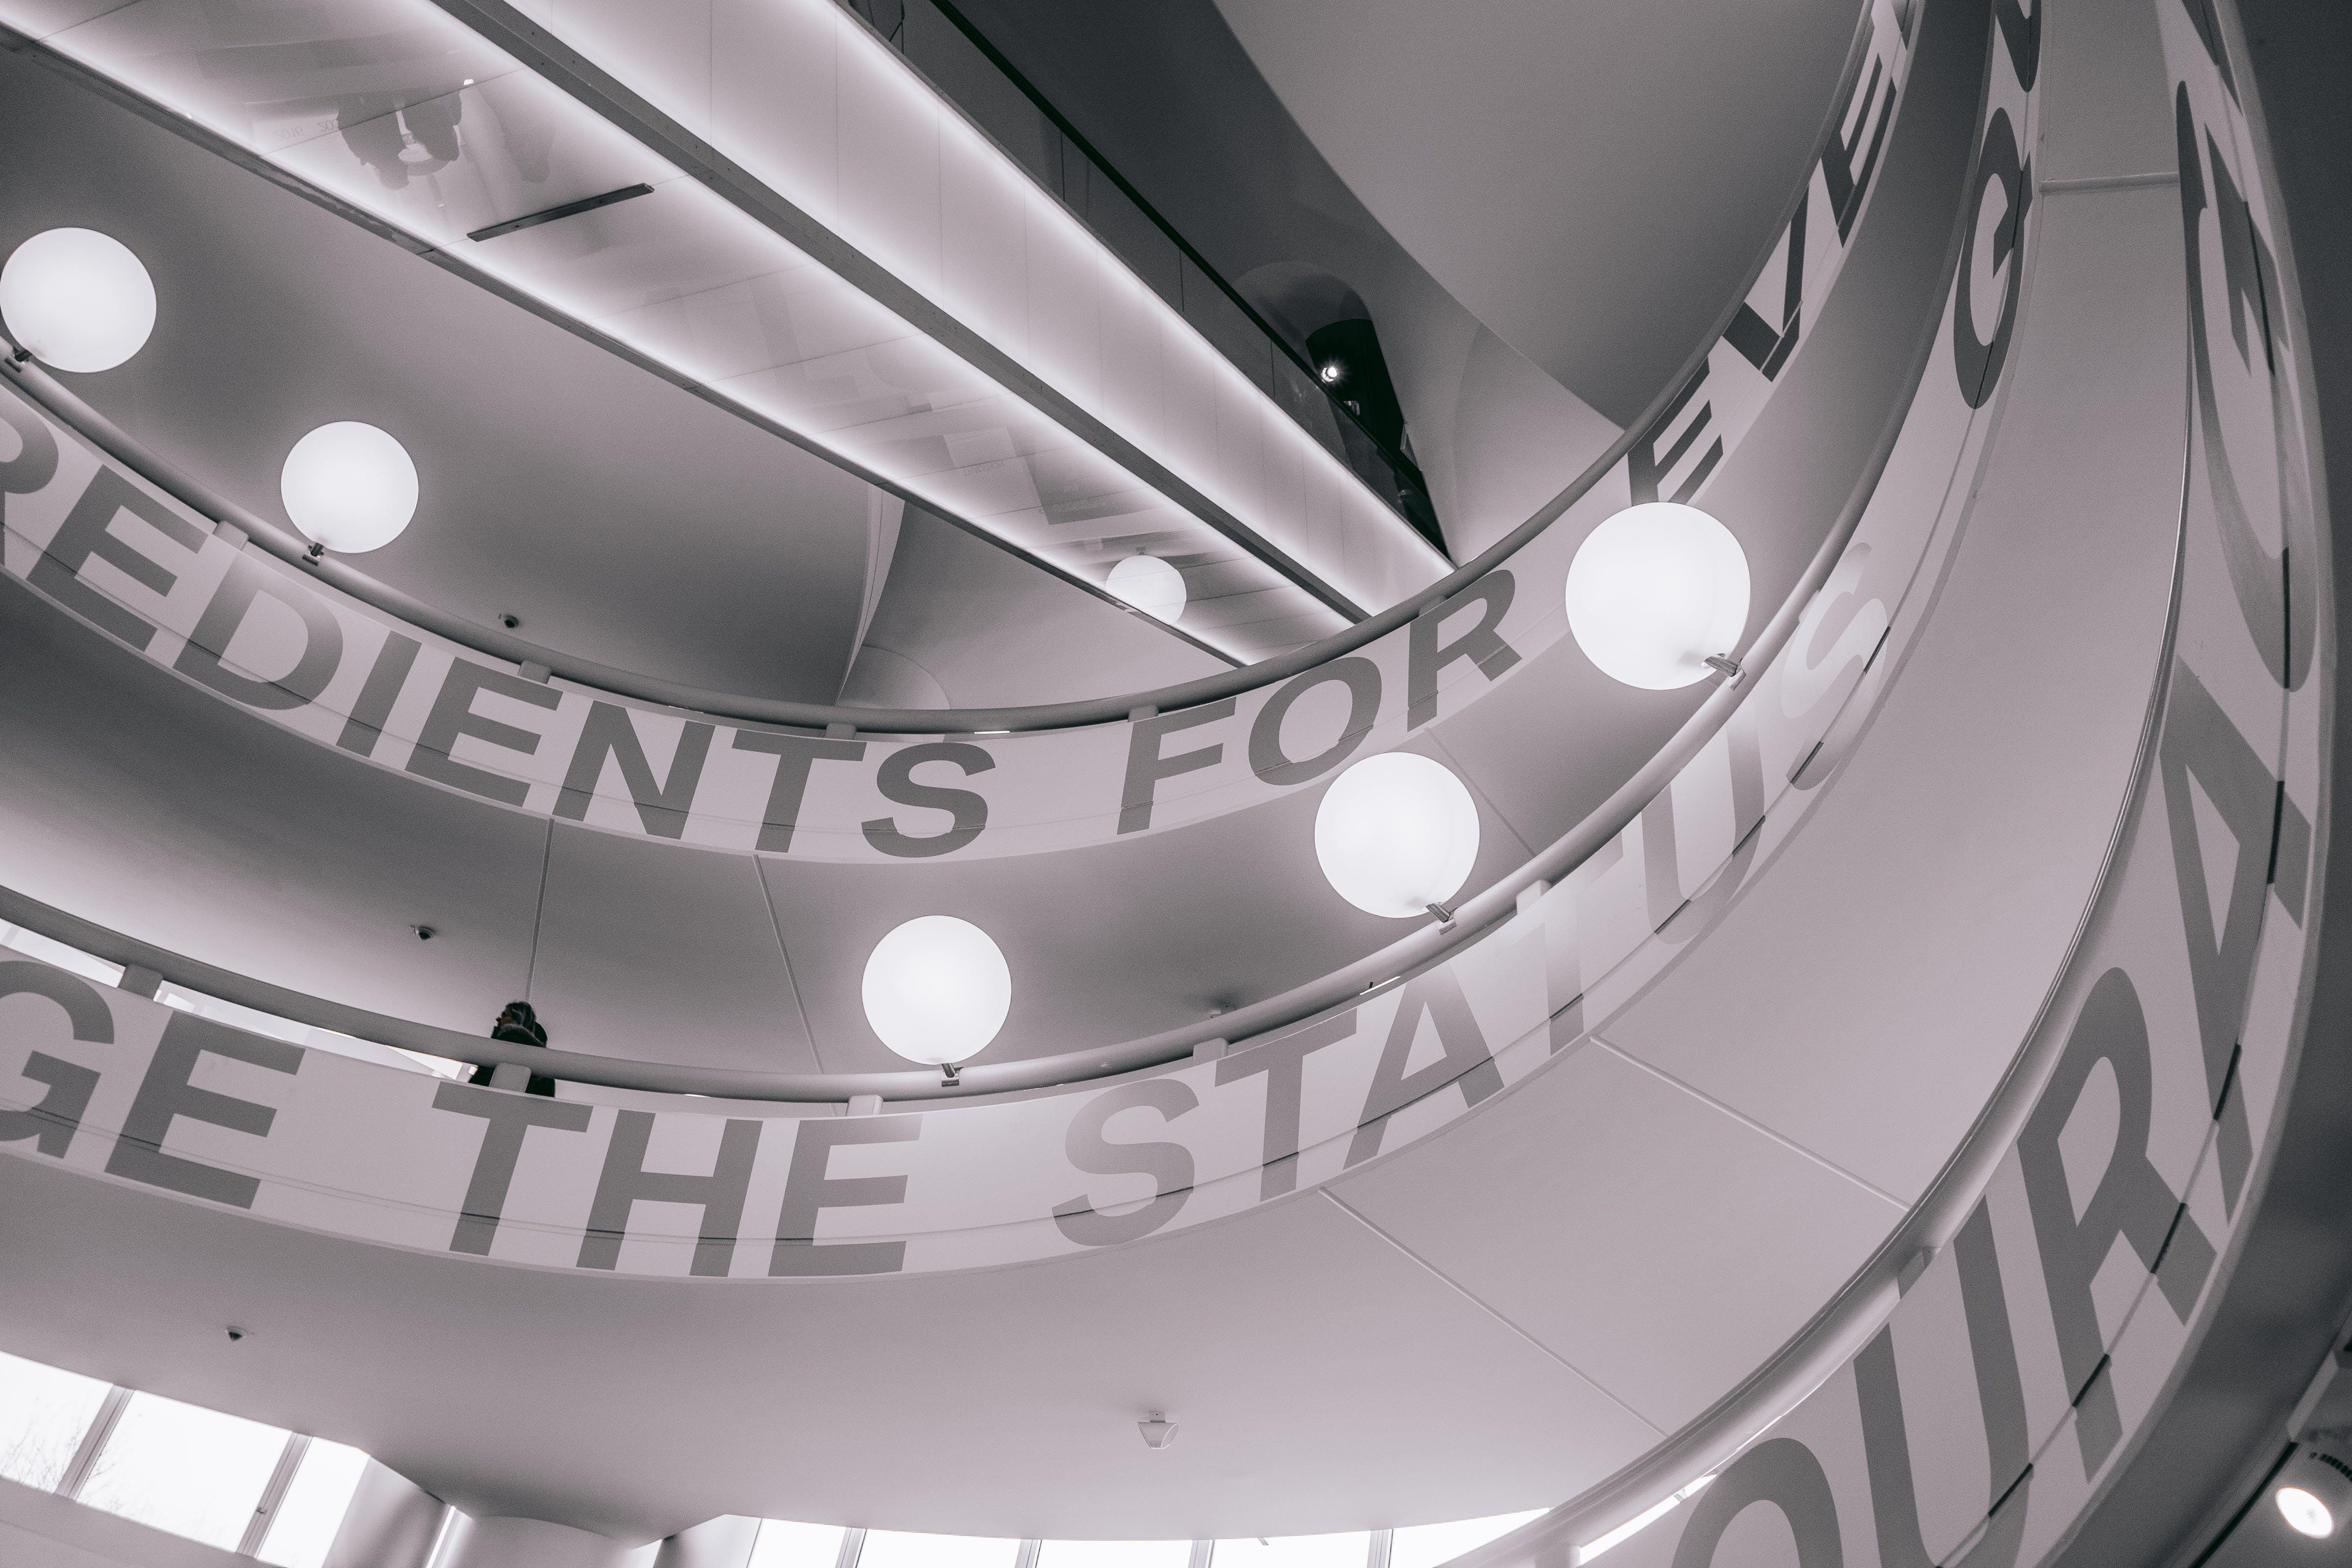 Foto profissional grátis de abstrair, aço, Alemanha, arquitetura